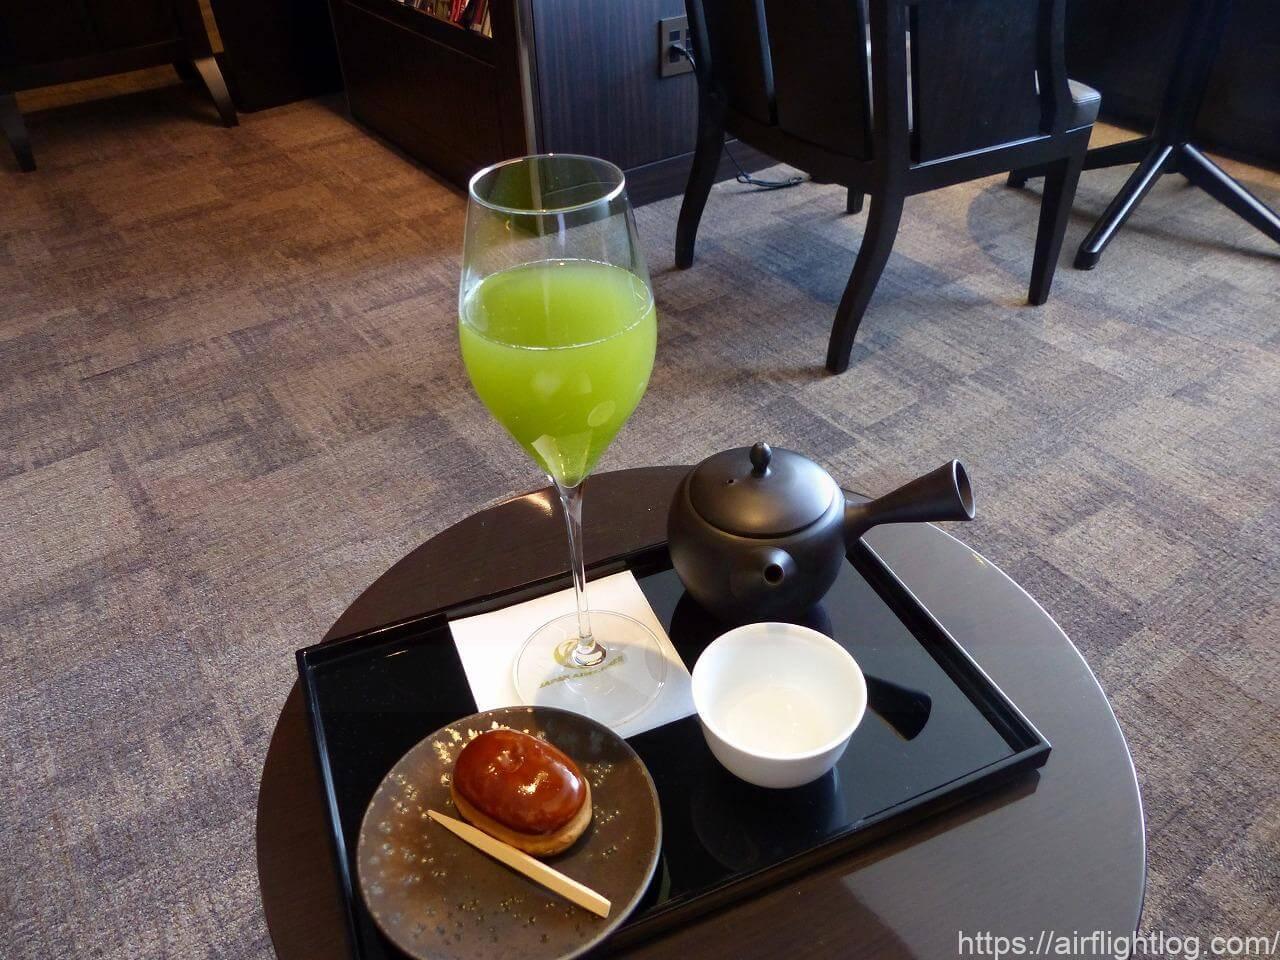 JAL成田空港ファーストクラスラウンジ「JAL's salon」お茶&茶菓子